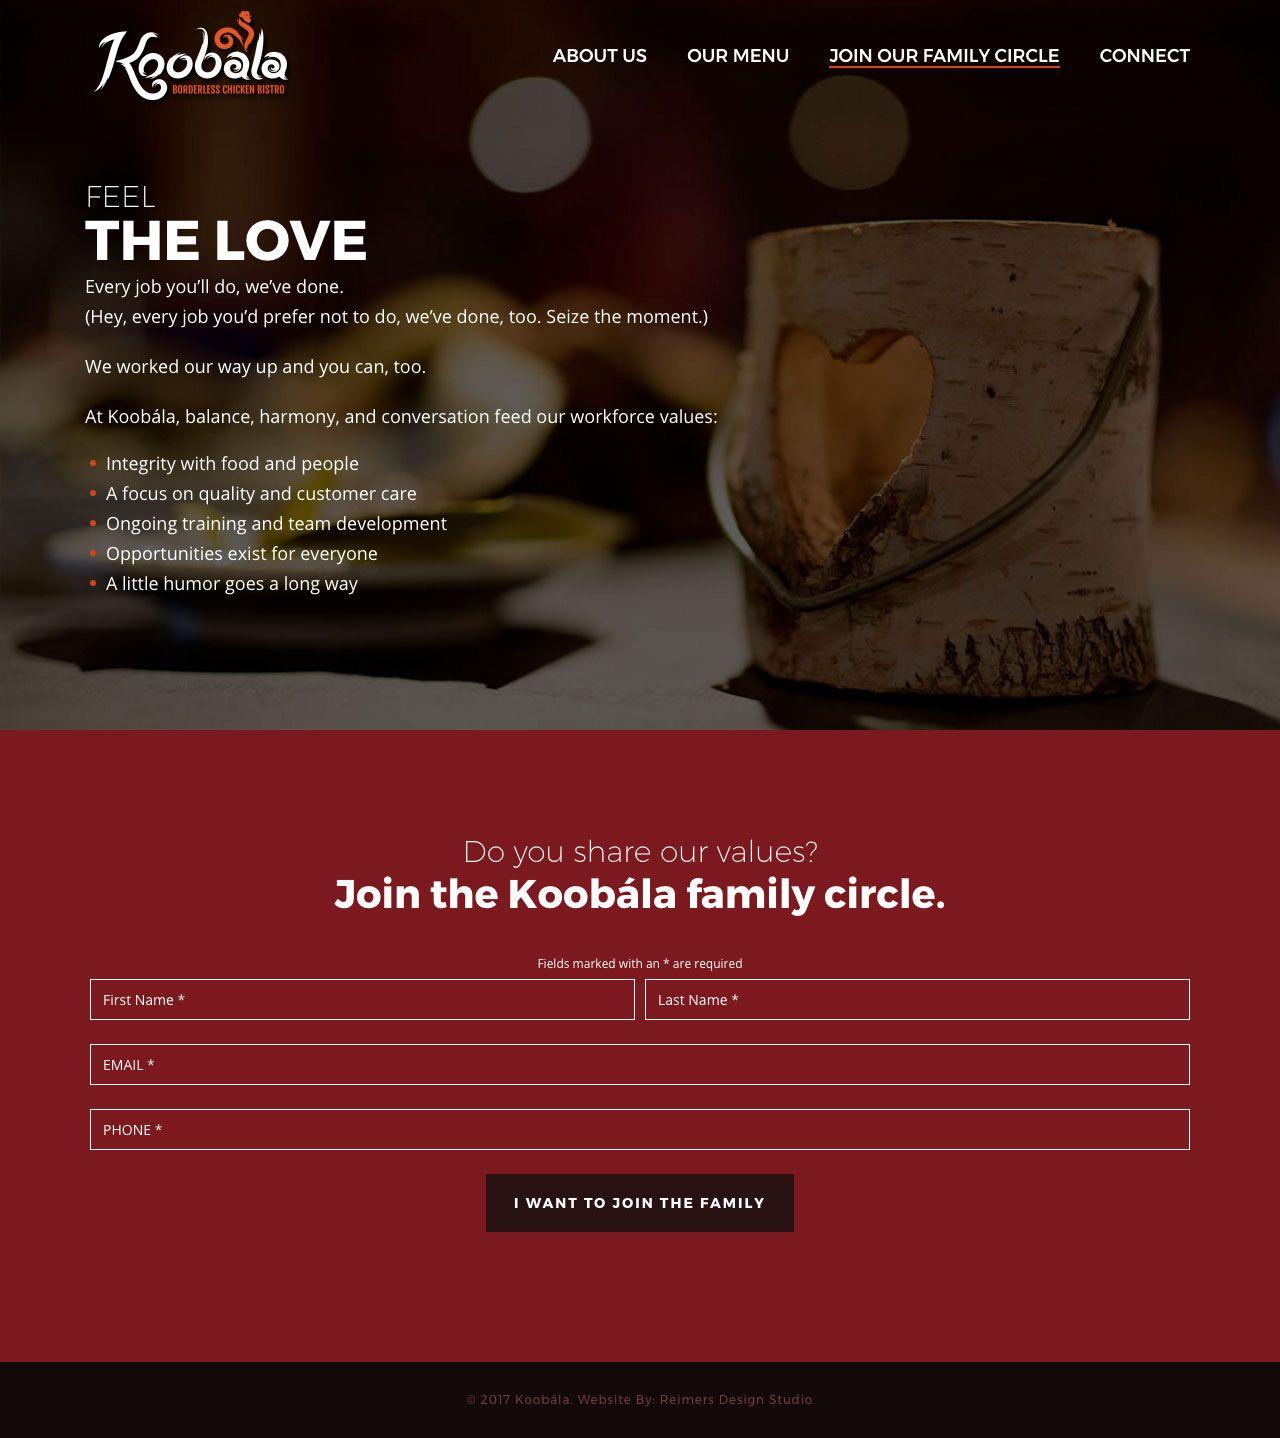 Koobala Website Design